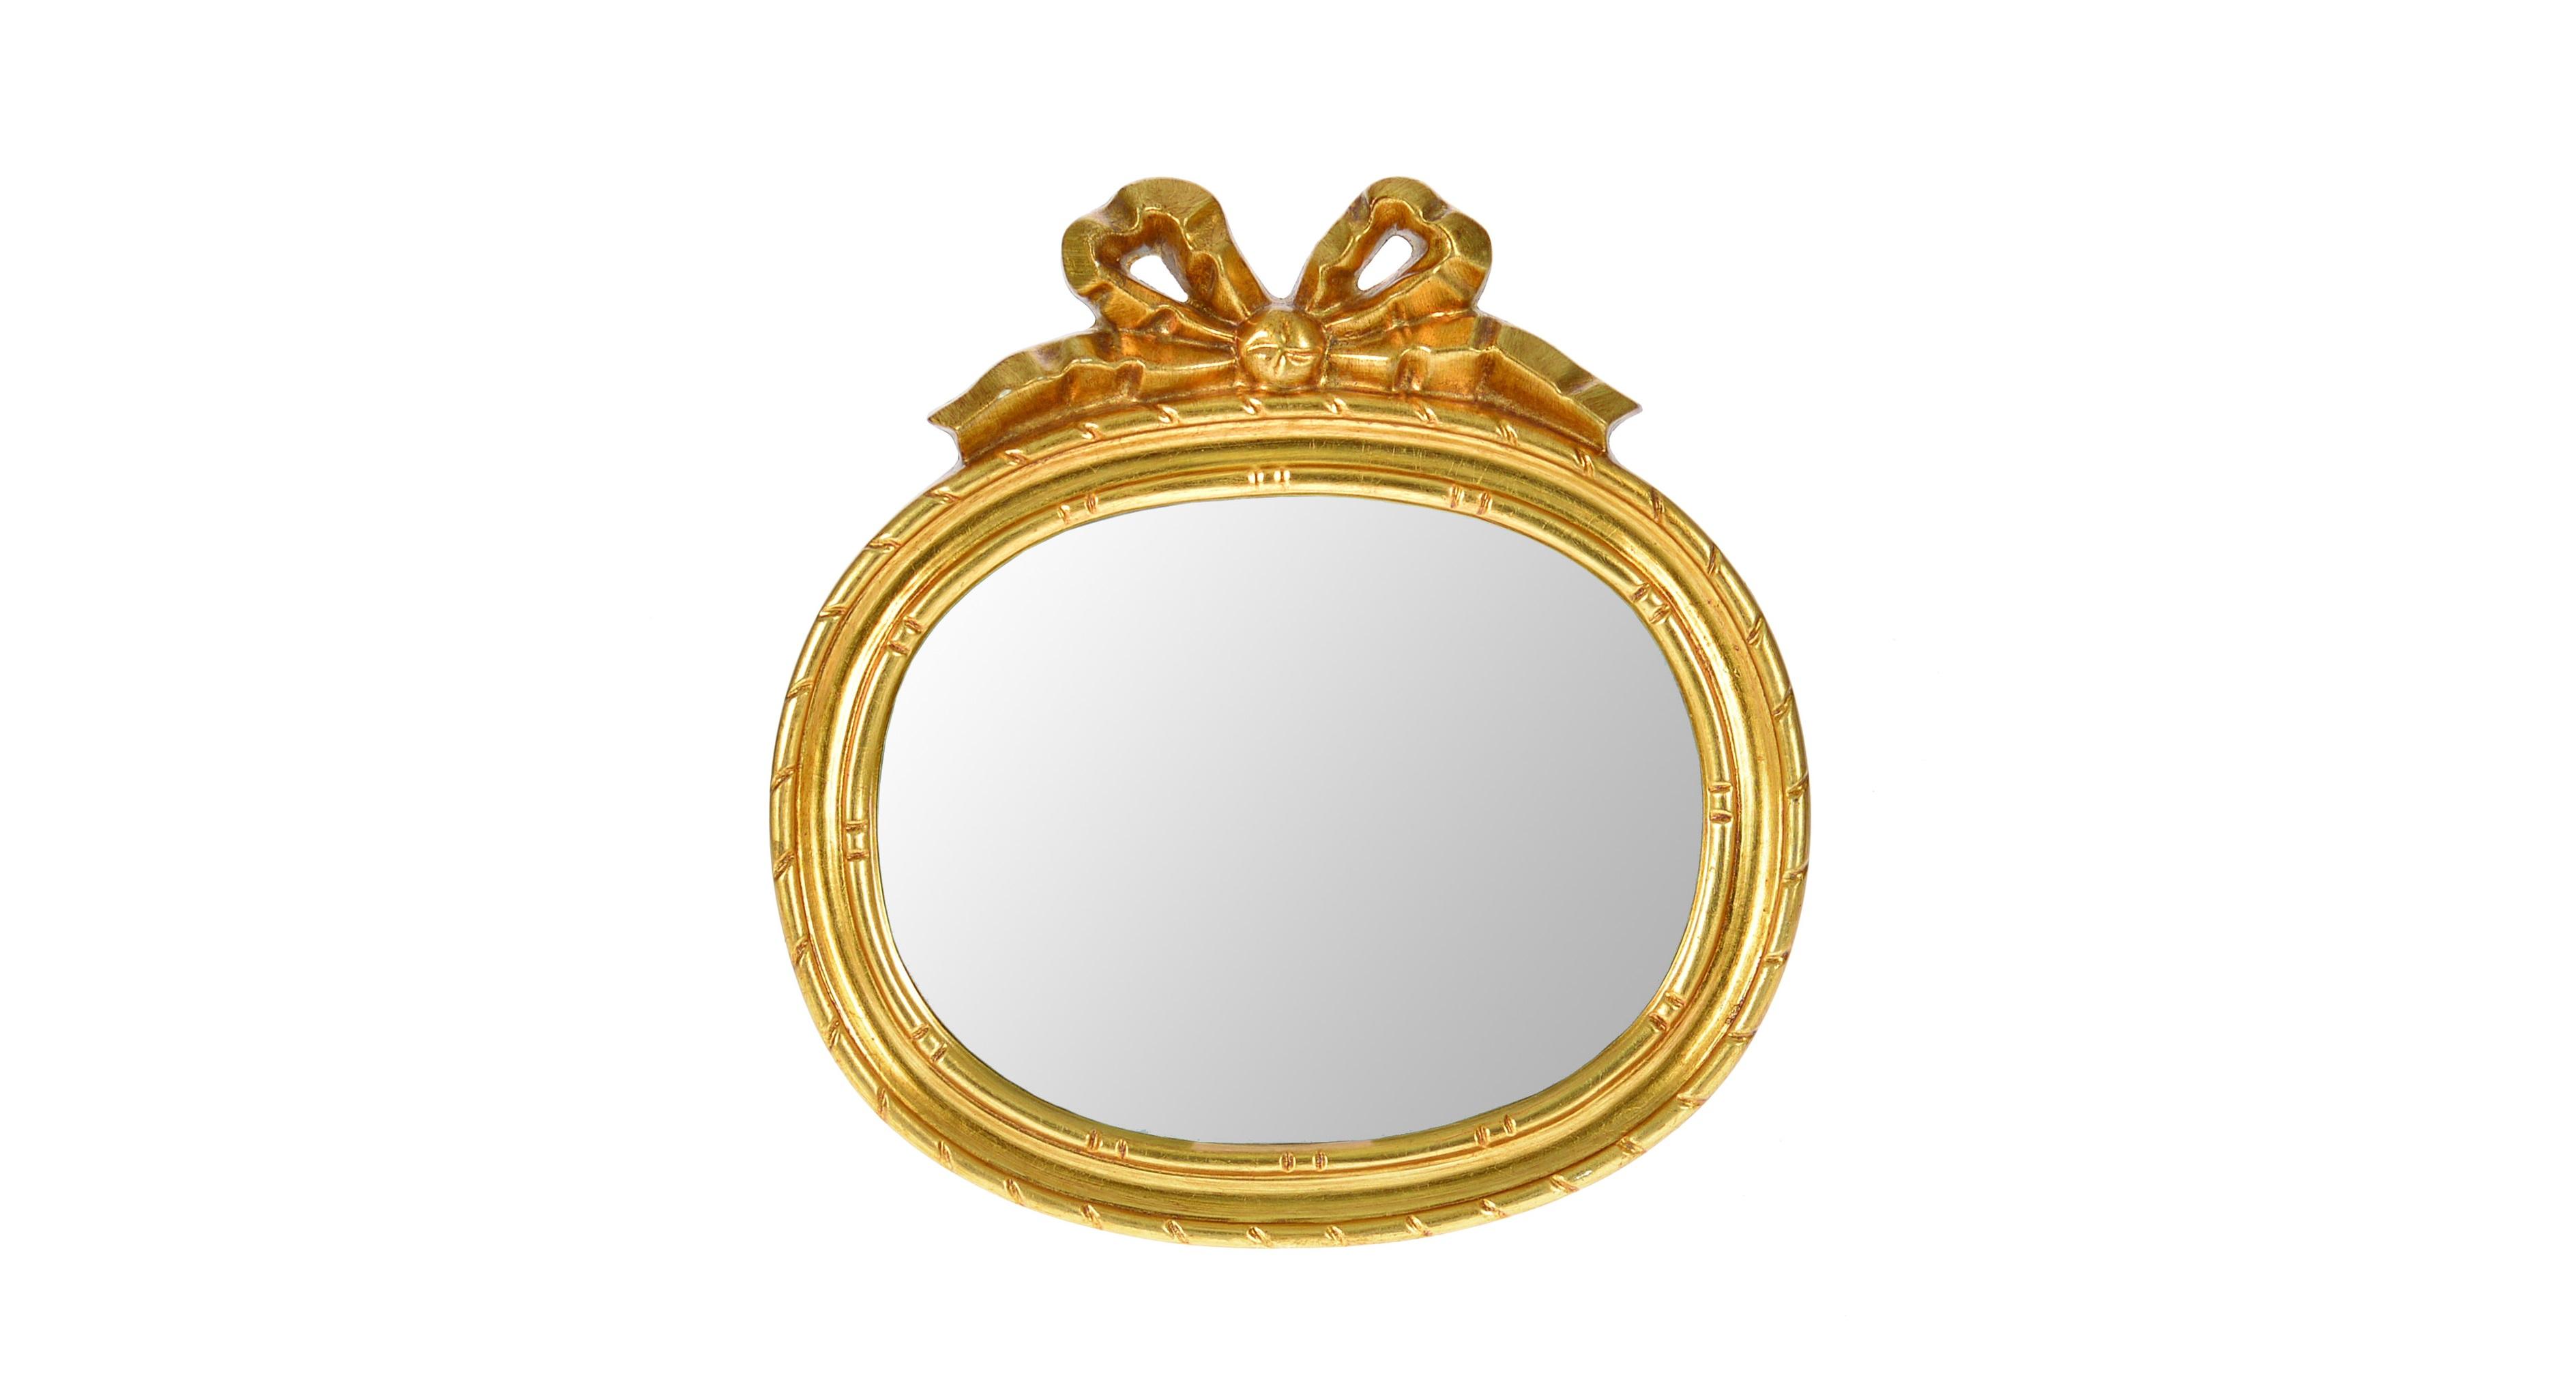 Настенное зеркалоНастенные зеркала<br>Смотрясь в это настенное зеркало, вы всегда будете поднимать себе настроение, ведь ваш образ будет преподносится в нем в качестве подарка. Такое ощущение создаст золотистая овальная рама, декорированная бантом. Зеркало не только поднимет вашу самооценку, но и превосходно украсит собой интерьеры в английском стиле.<br><br>Material: Стекло<br>Ширина см: 4<br>Высота см: 30